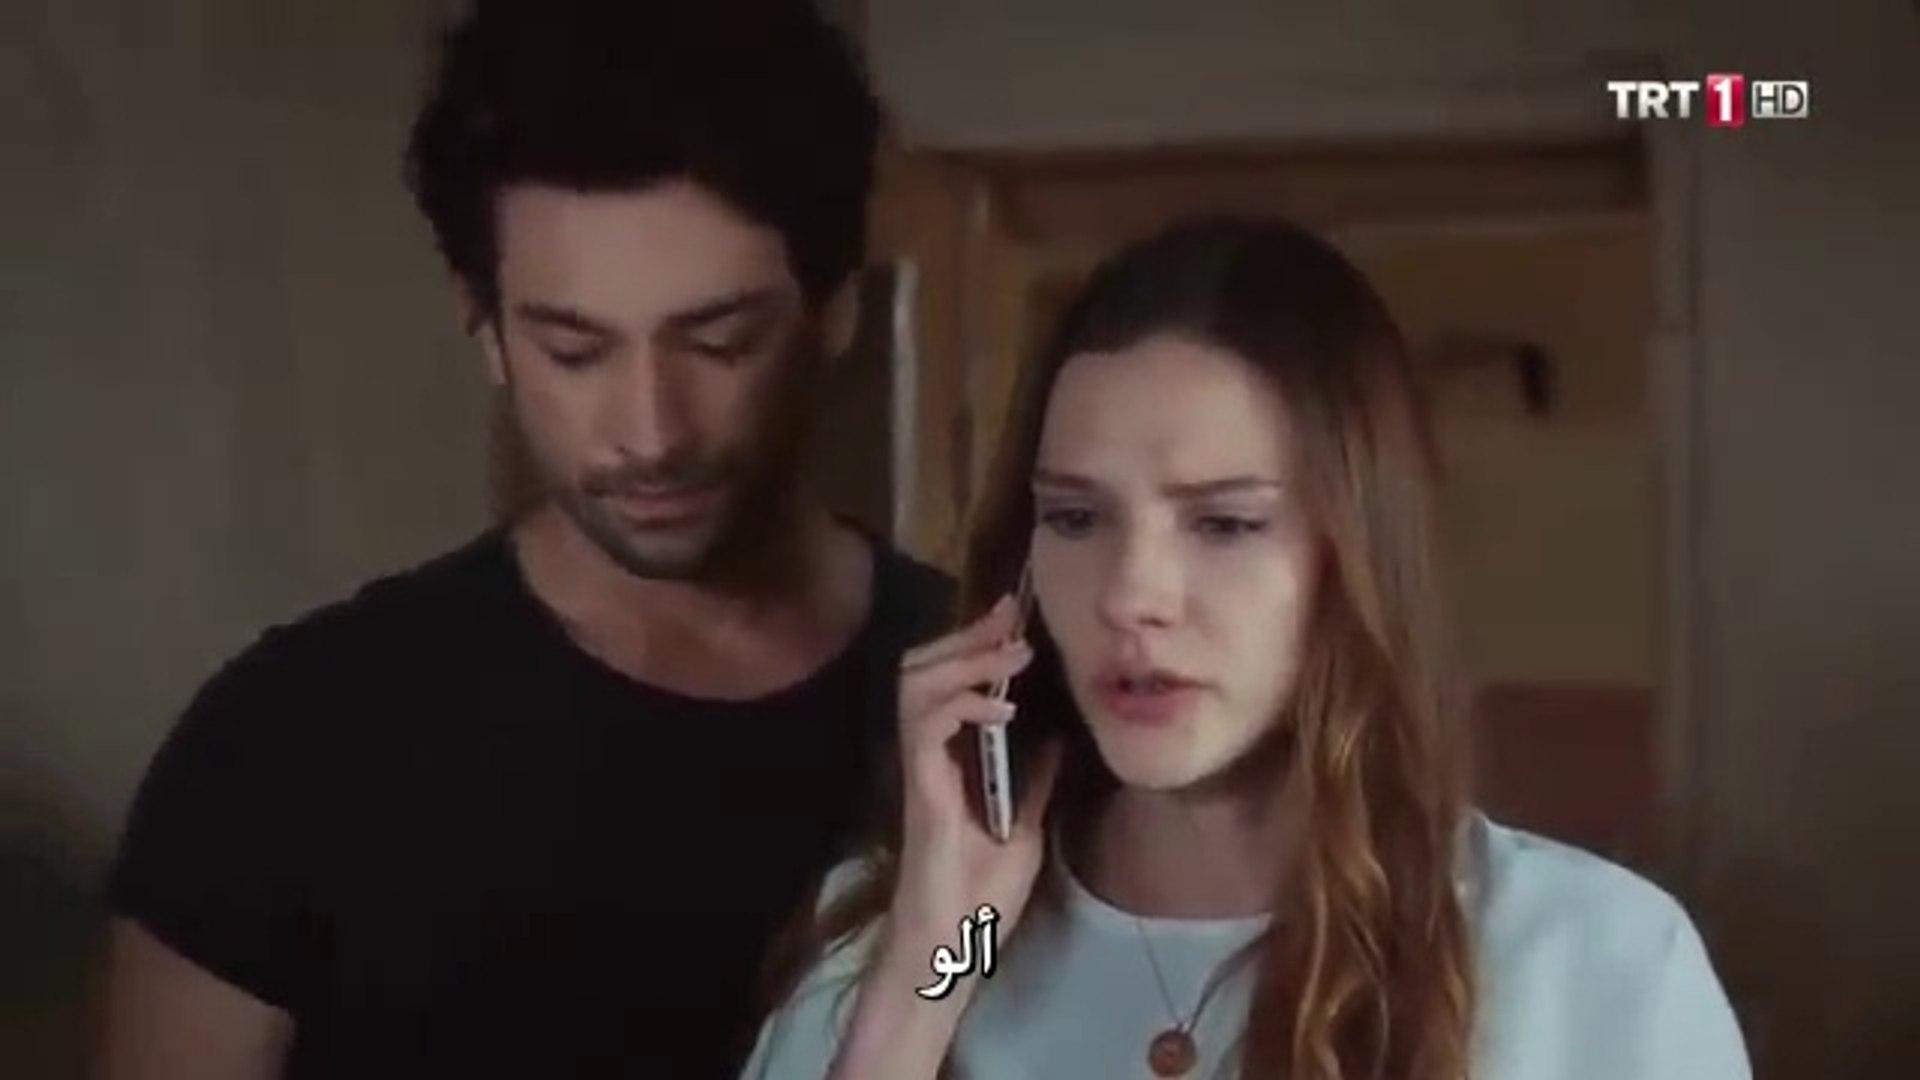 مسلسل لا تترك يدي الحلقة 3 القسم 3 مترجمة للعربية